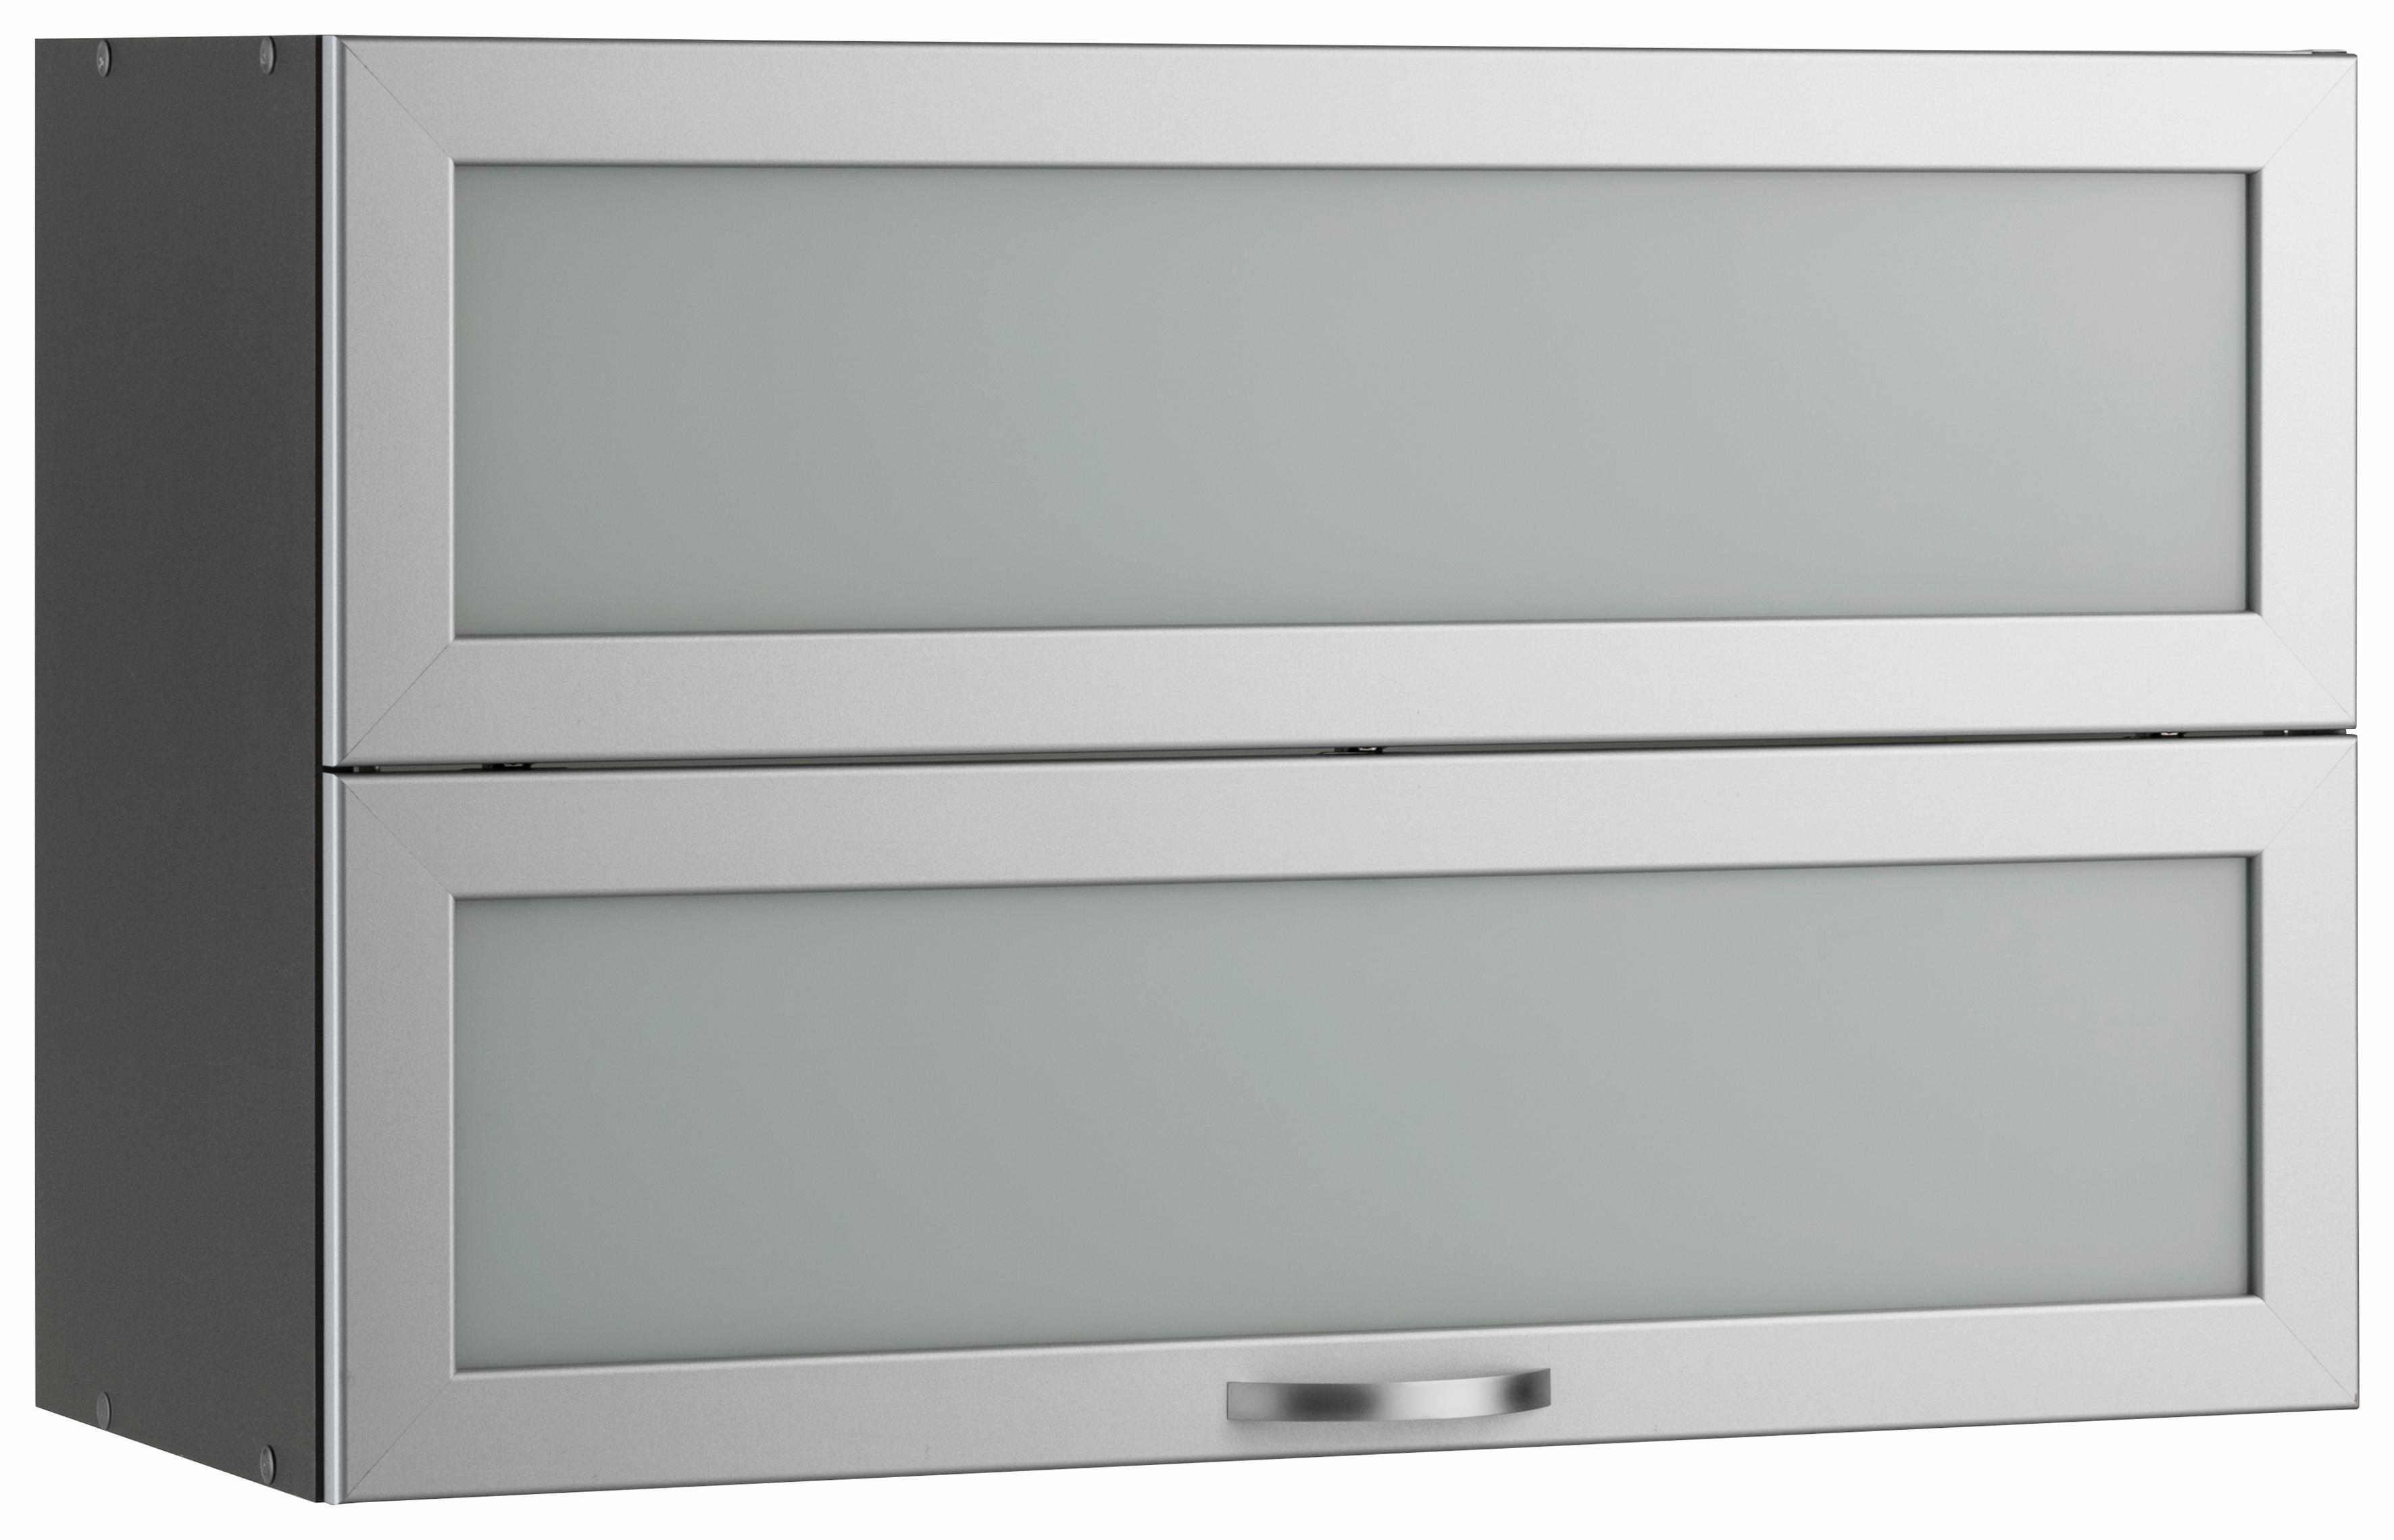 Faltlifthänger Flexi | Wohnzimmer > Schränke > Hängeschränke | Grau